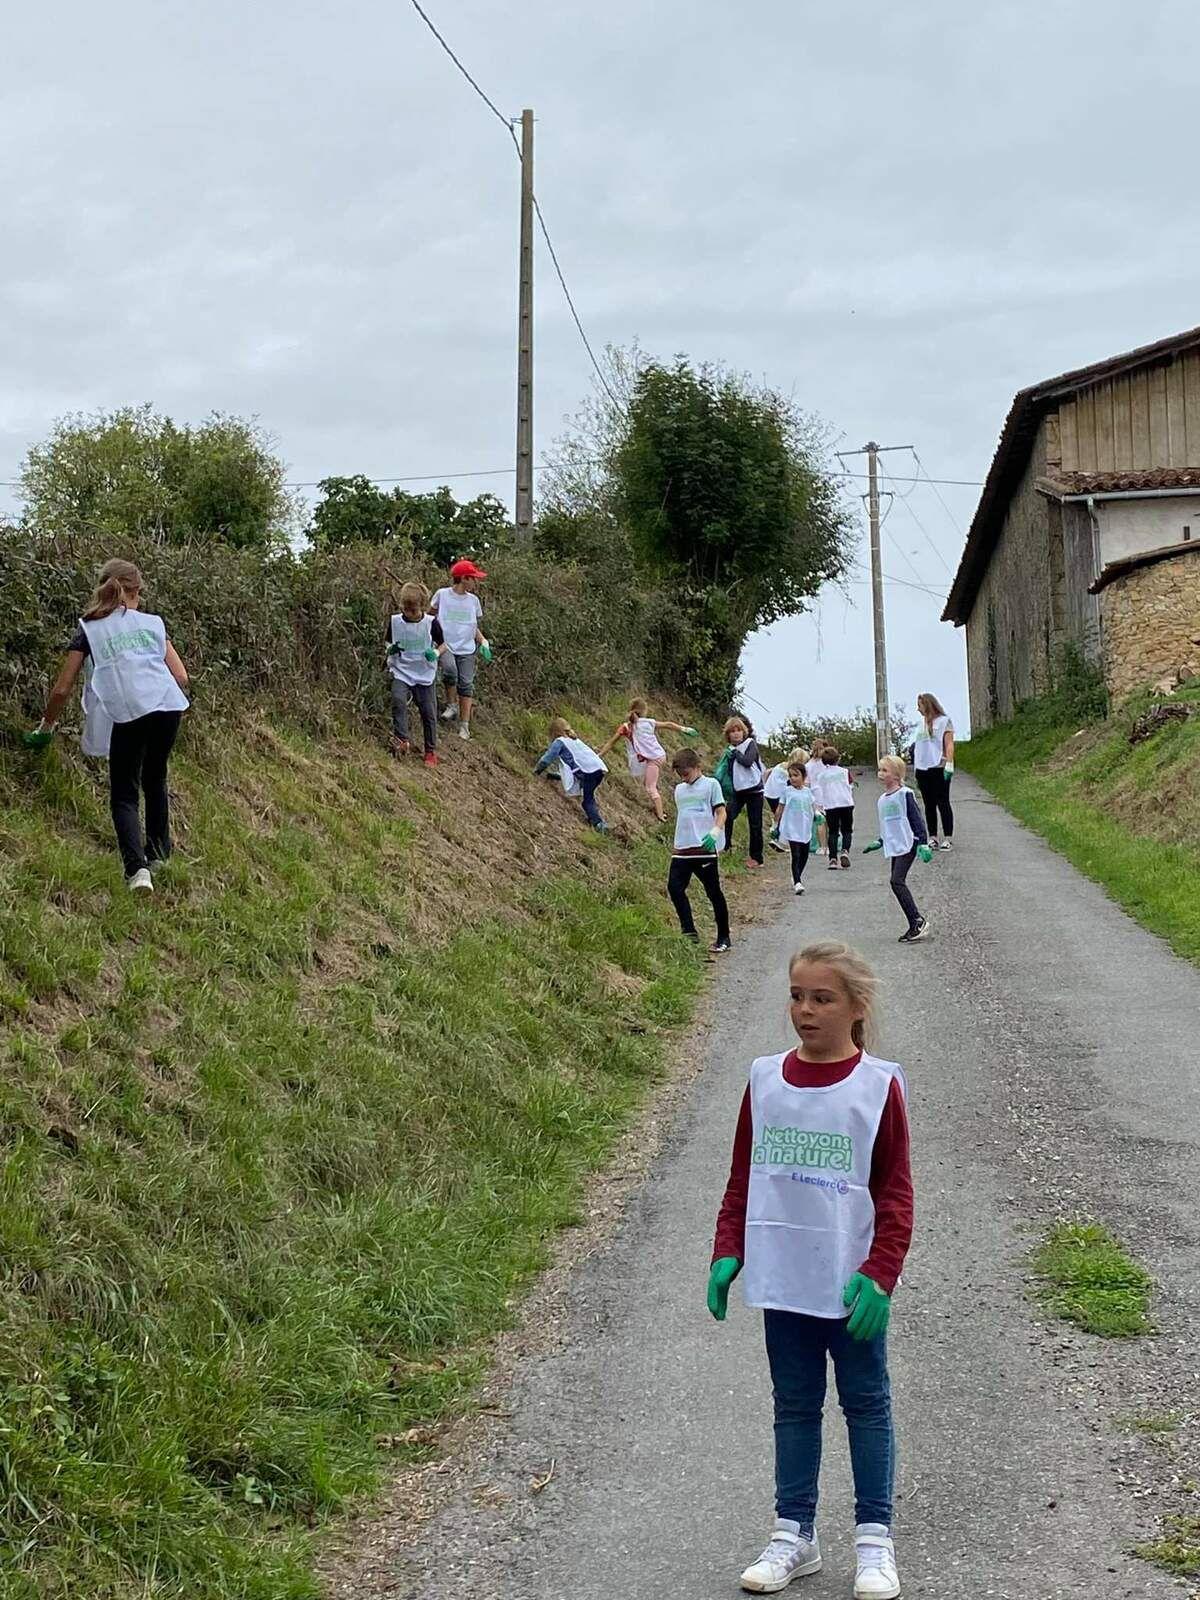 Cagire - Garonne - Salat - NETTOYONS LA NATURE  Les enfants se mobilisent autour de leurs écoles.